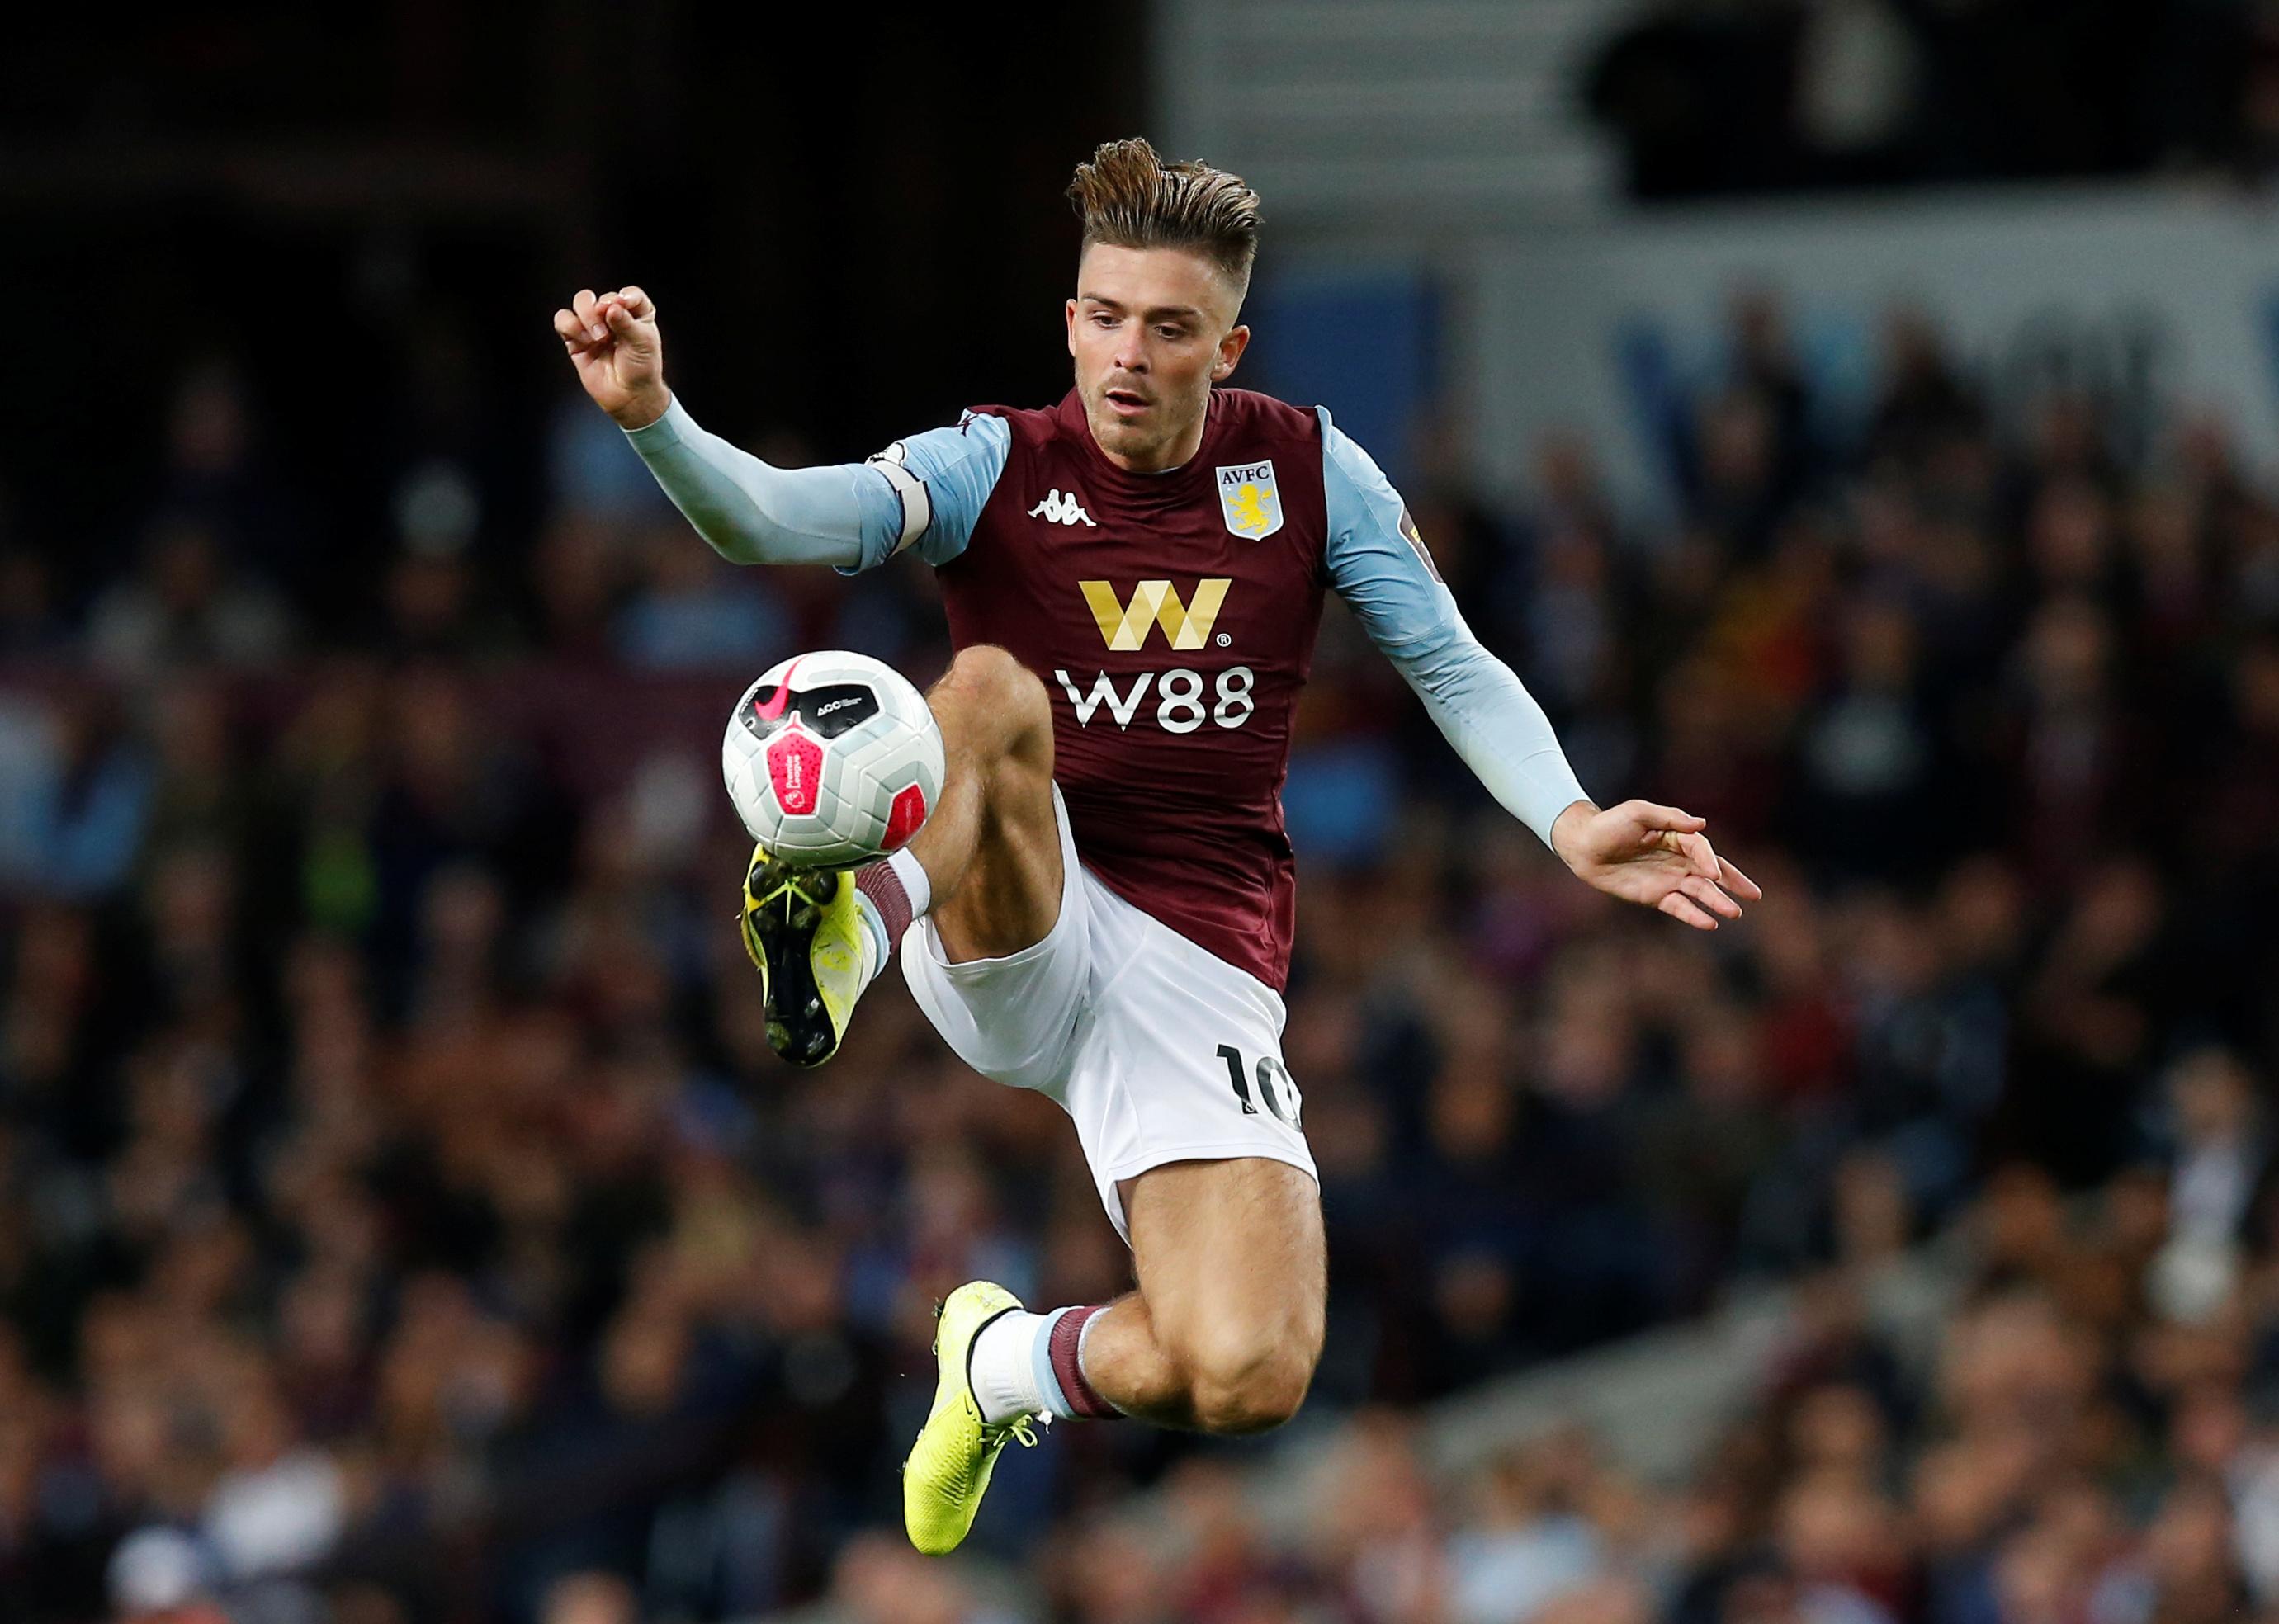 Aston Villa FC Midfielders 2020: Jack Grealish